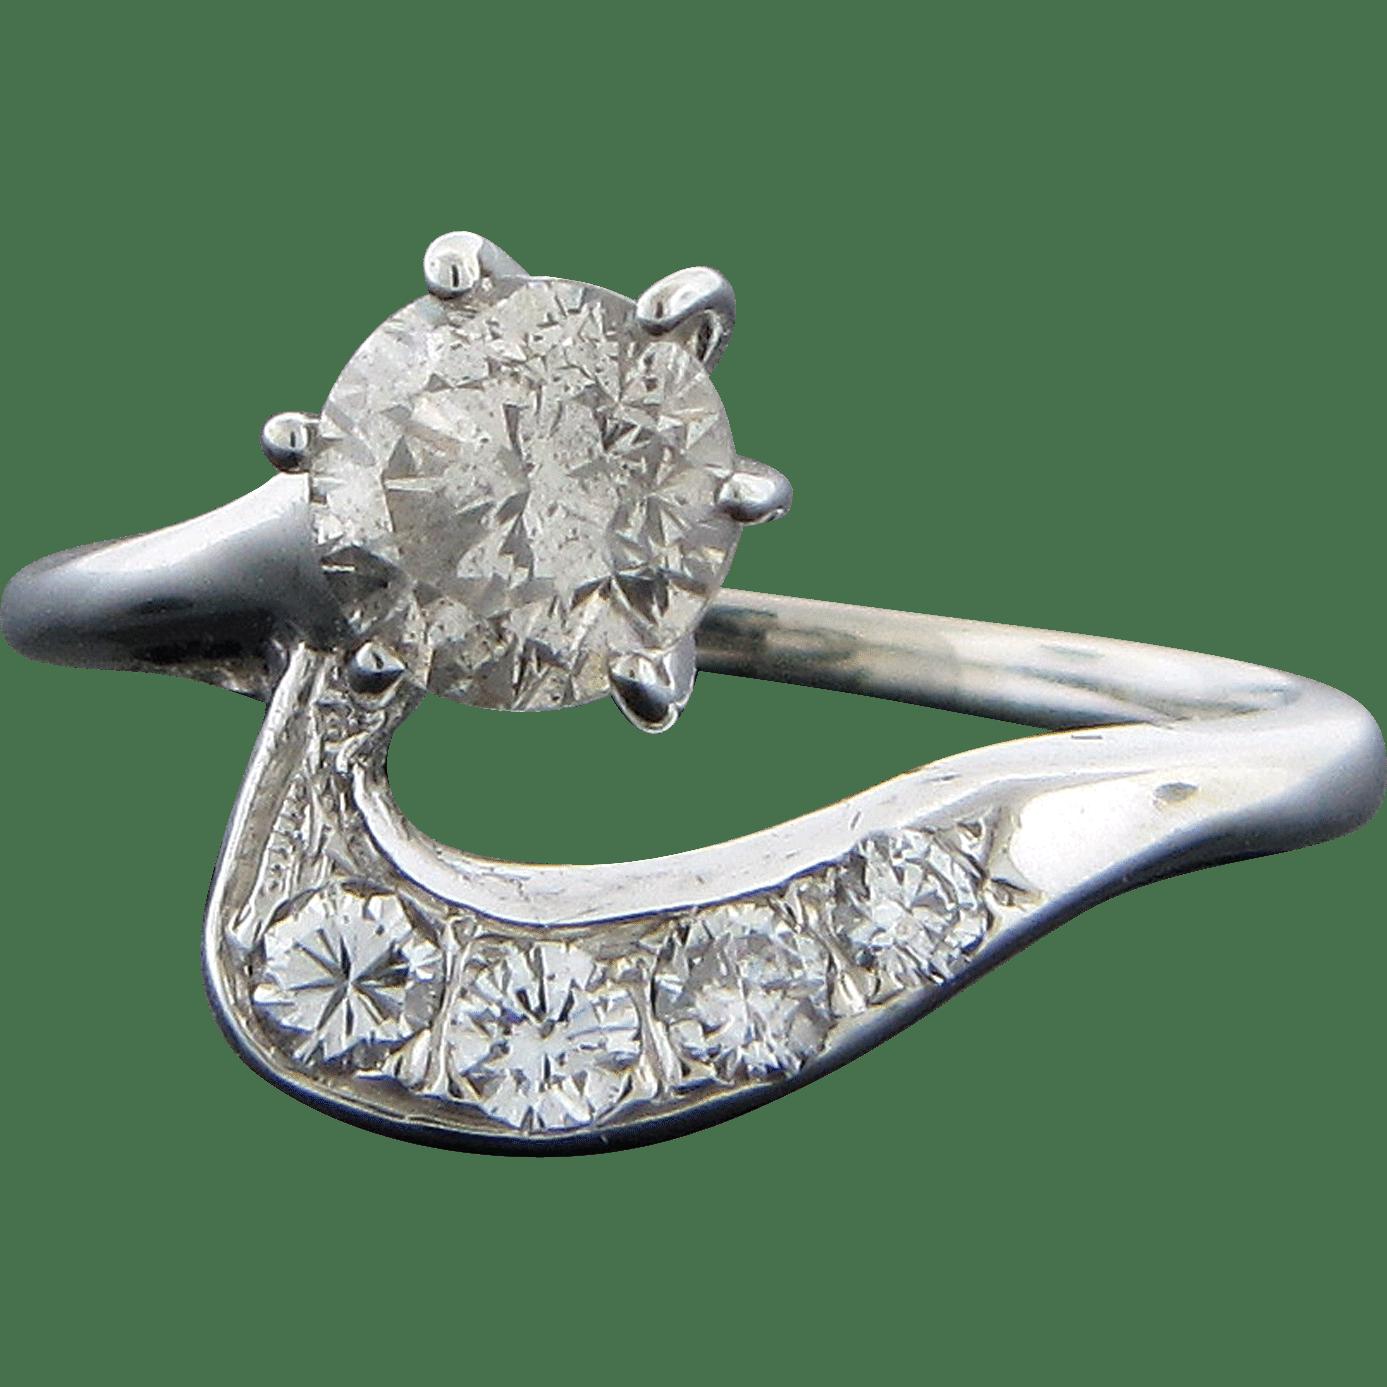 14 Karat White Gold Diamond Ring from solvangantiques on Ruby Lane